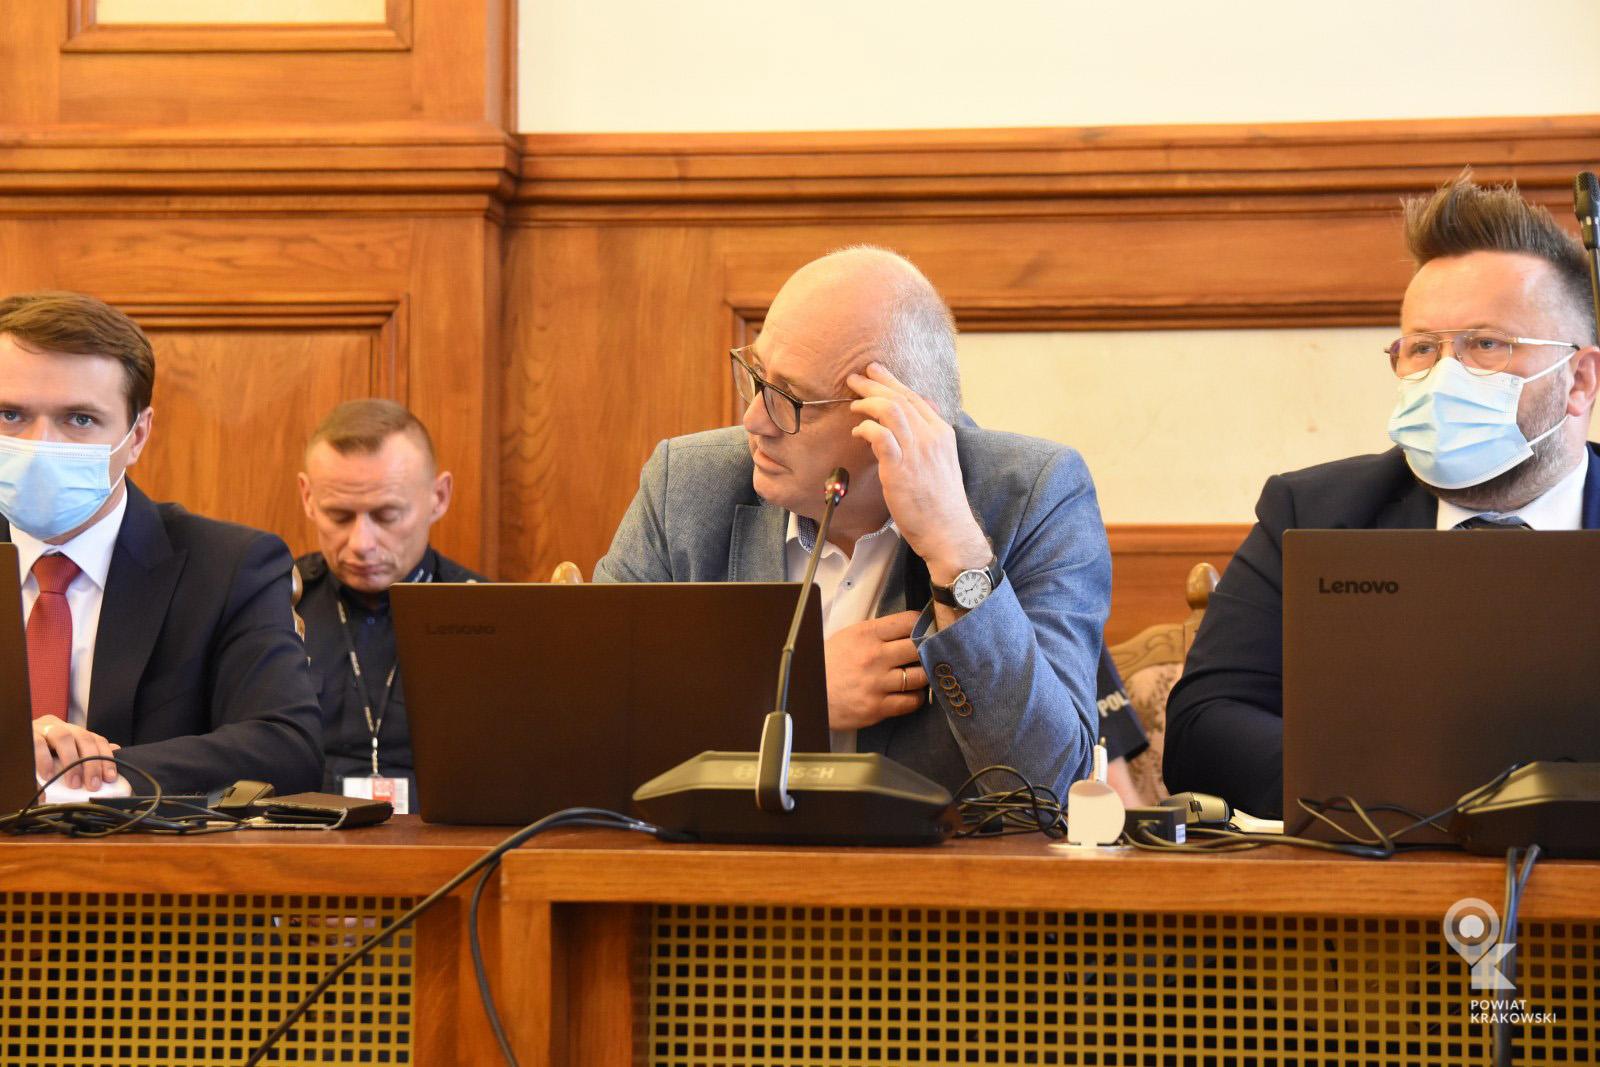 Radny Krzysztof Bosak siedzi za stołem, patrzy w bok. Przed nim otwarty laptop